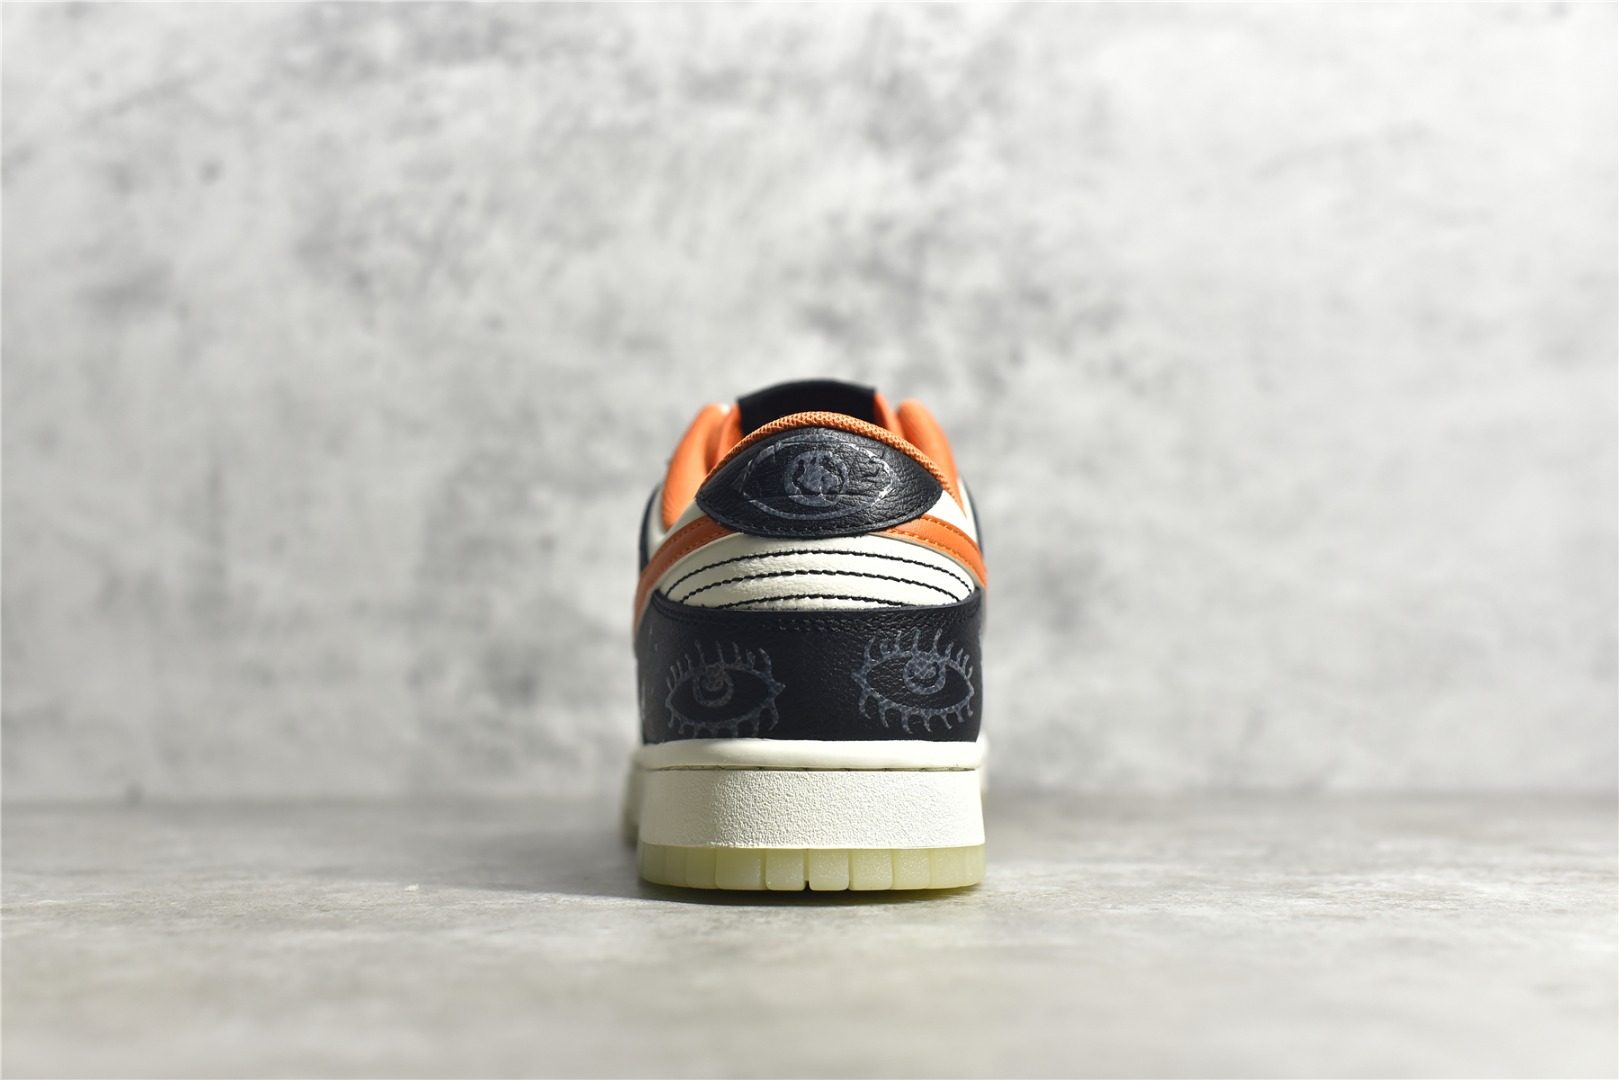 耐克SB Dunk万圣节 Nike SB Dunk HalloWeen 耐克SB Dunk夜光 耐克SB Dunk黑白橙低帮 货号:DD3357-100-潮流者之家